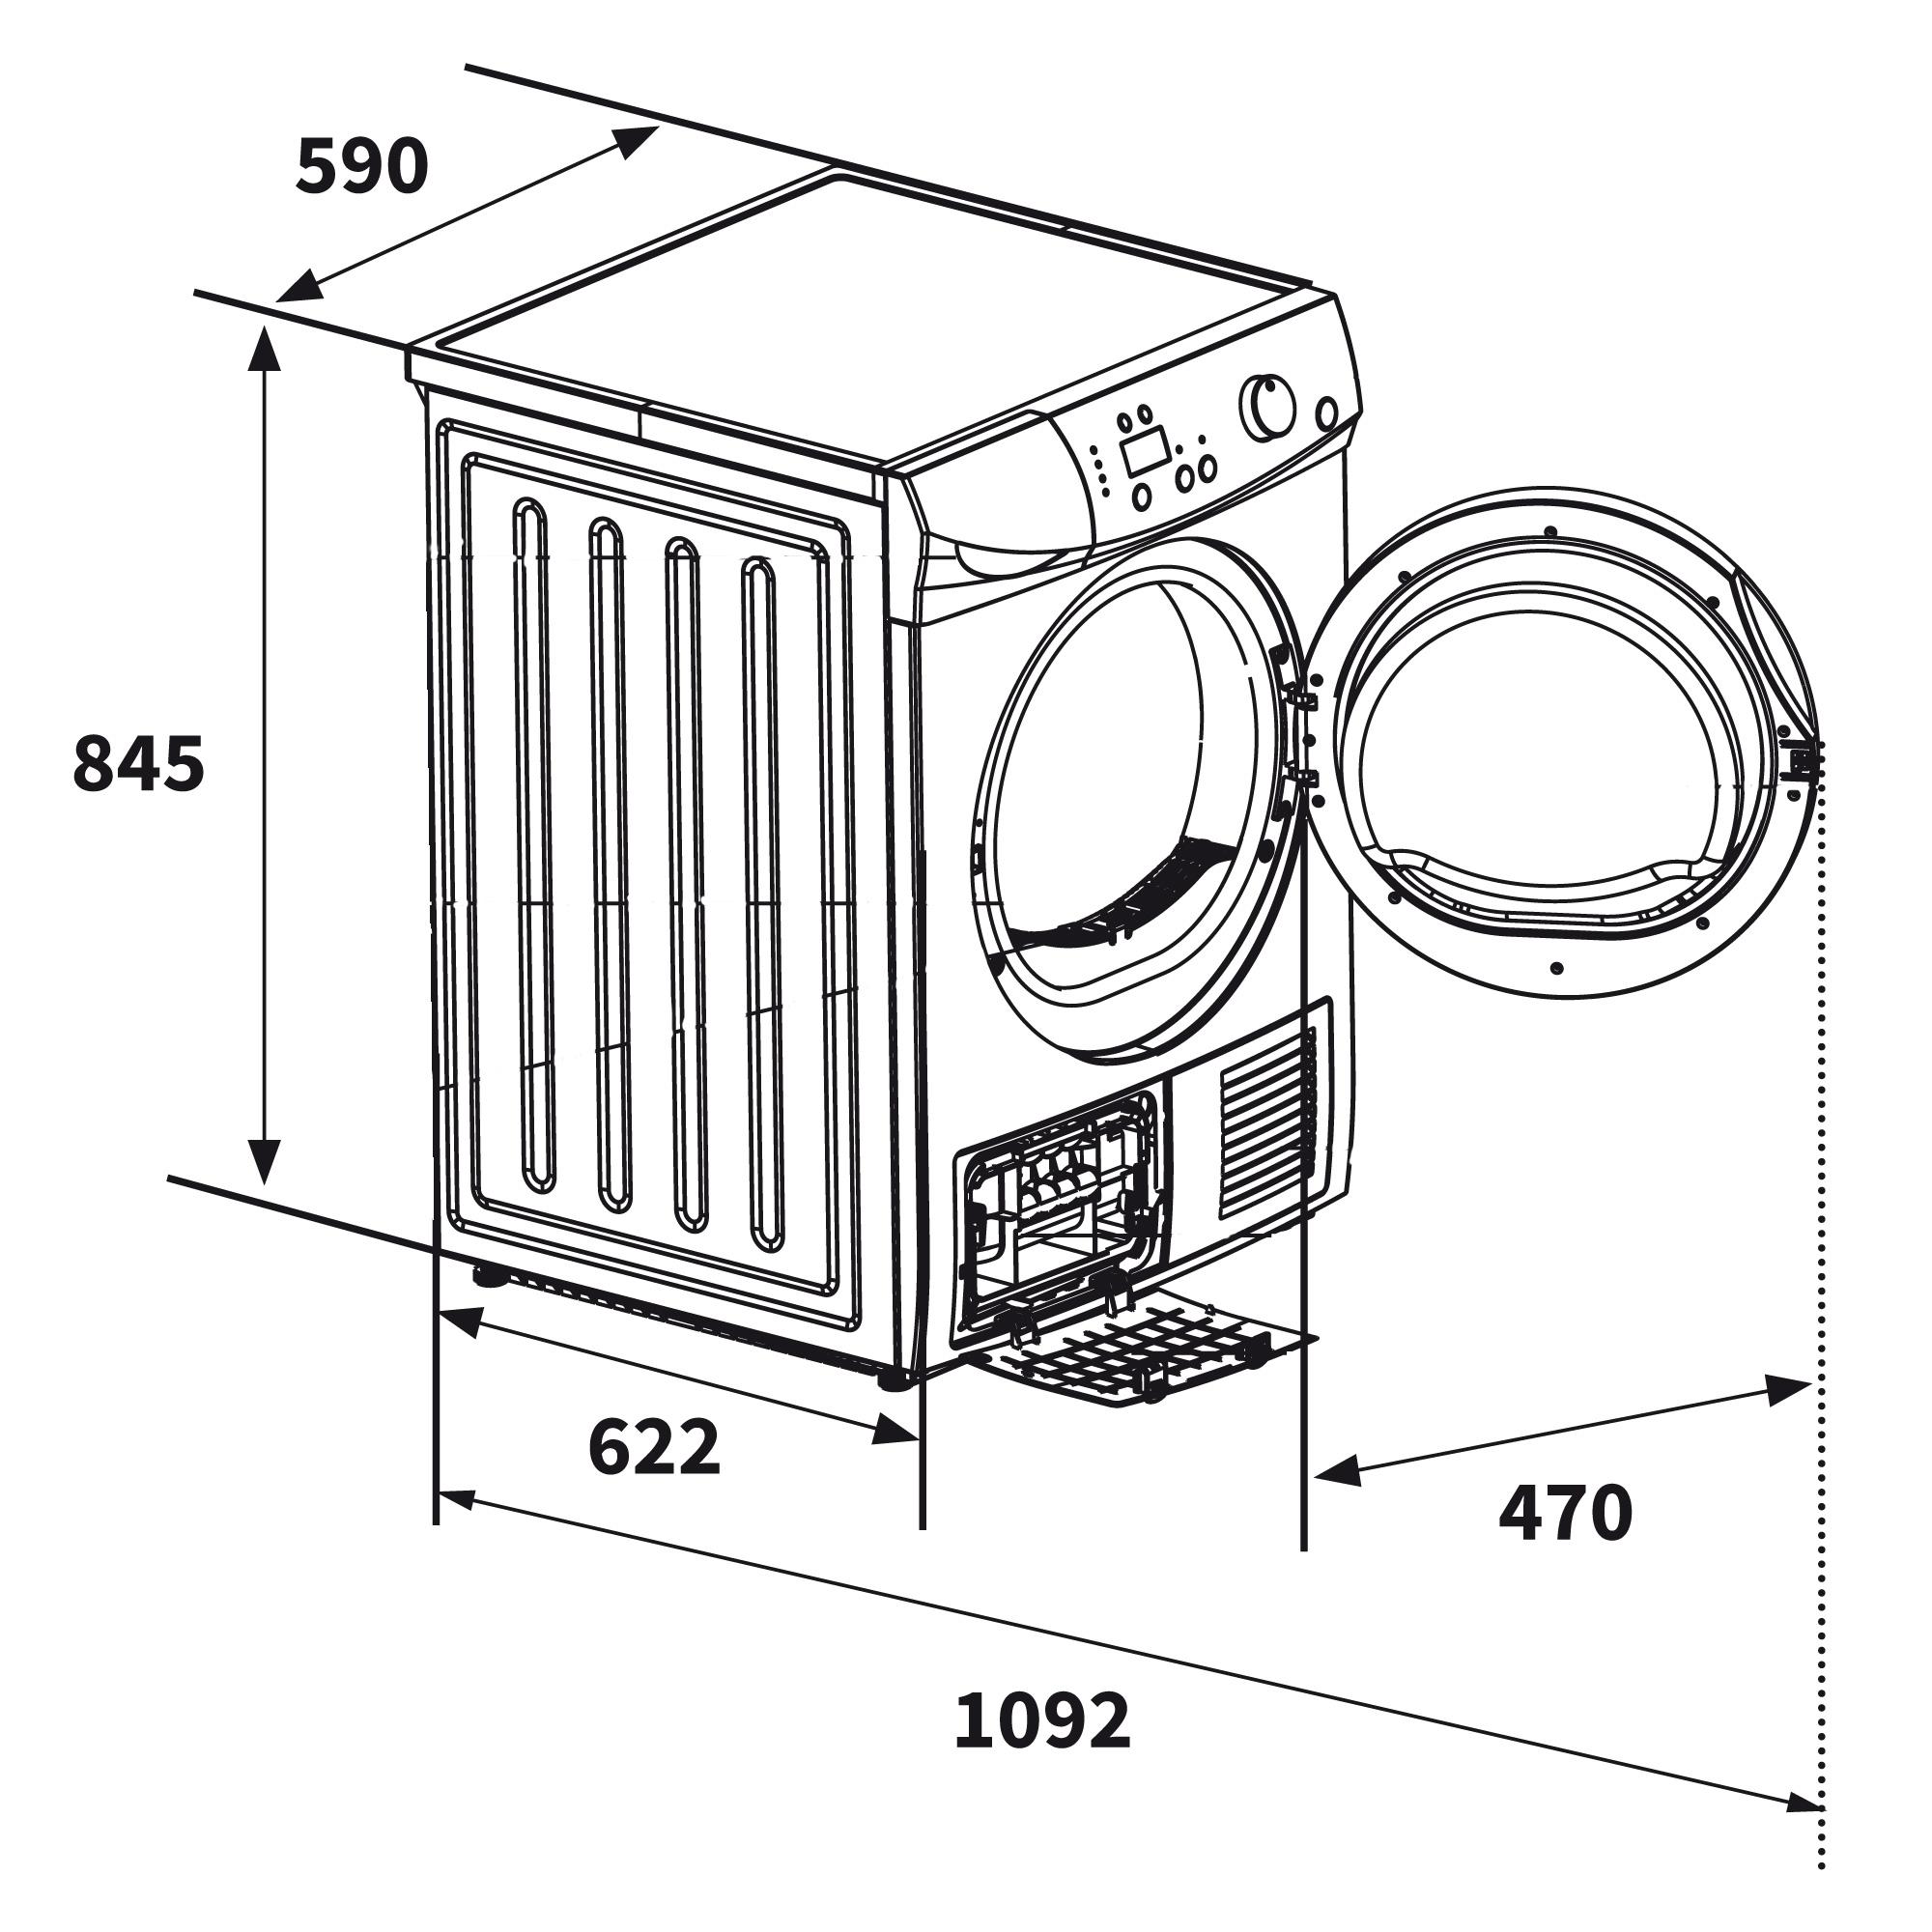 Waschmaschine Dimensionen # Deptis.com > Inspirierendes